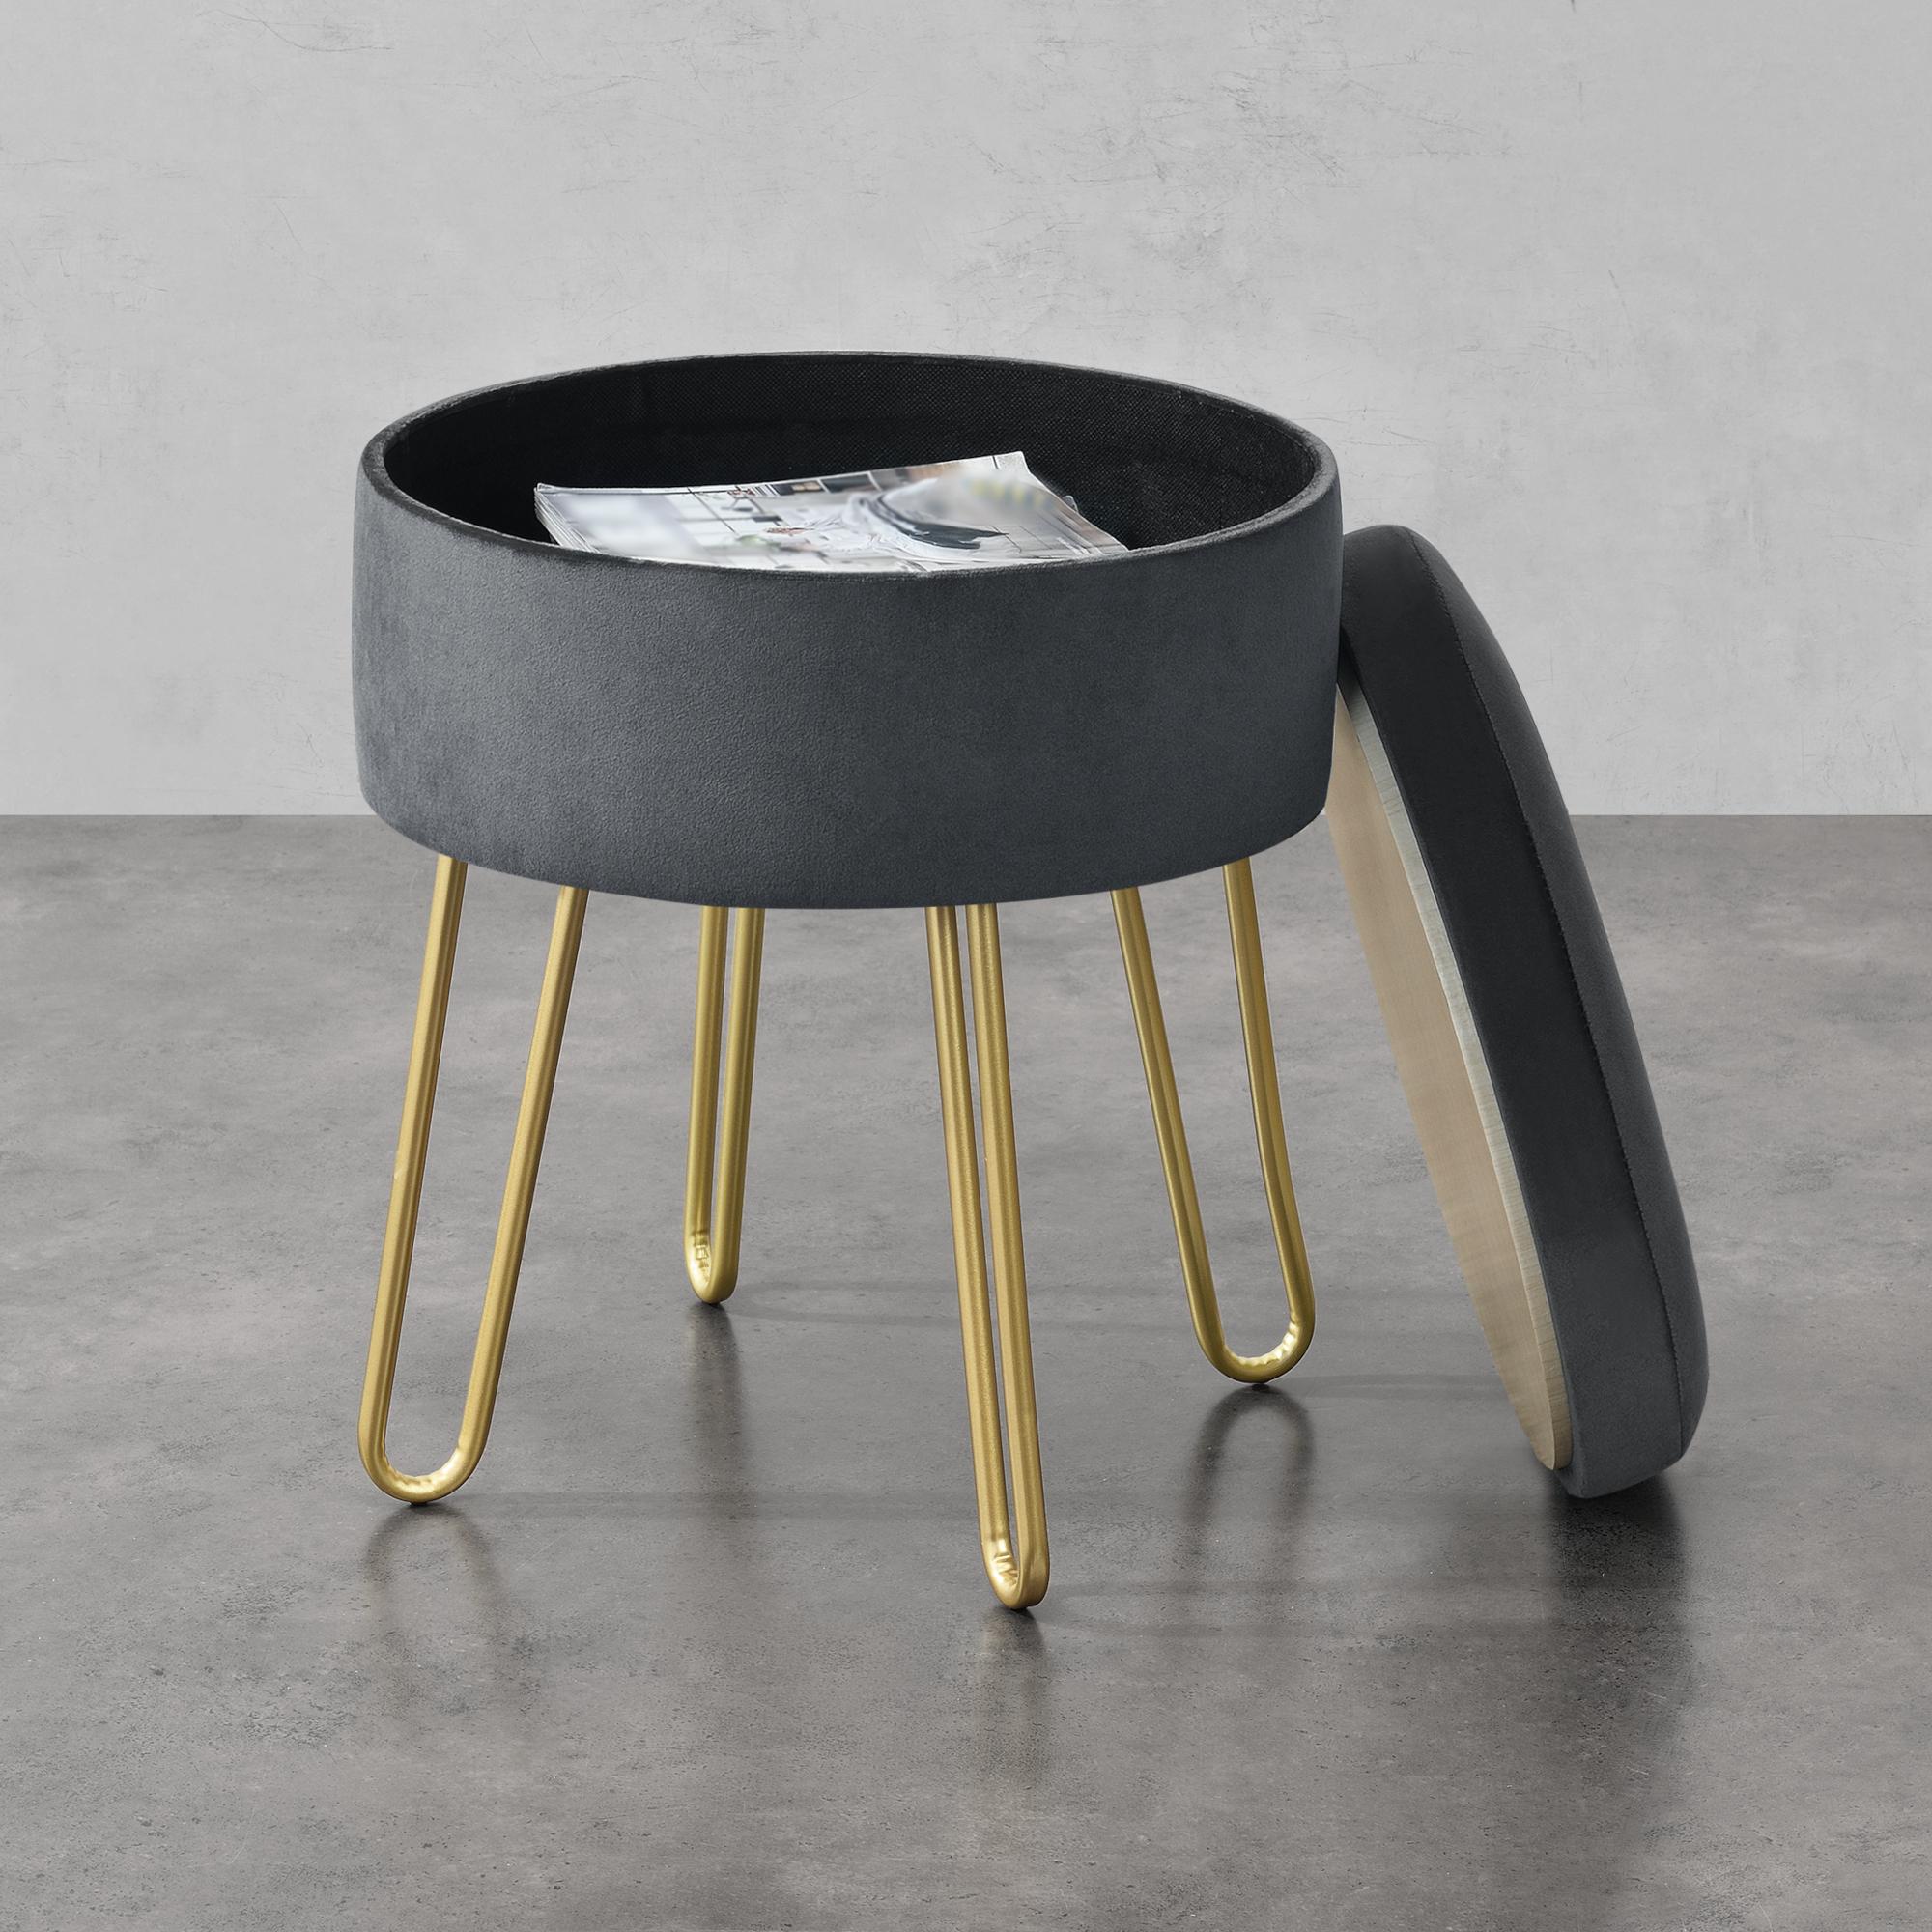 Sitzhocker Strickhocker mit Standfüßen Holzfuß 45 cm Standhocker Hellgrau HG